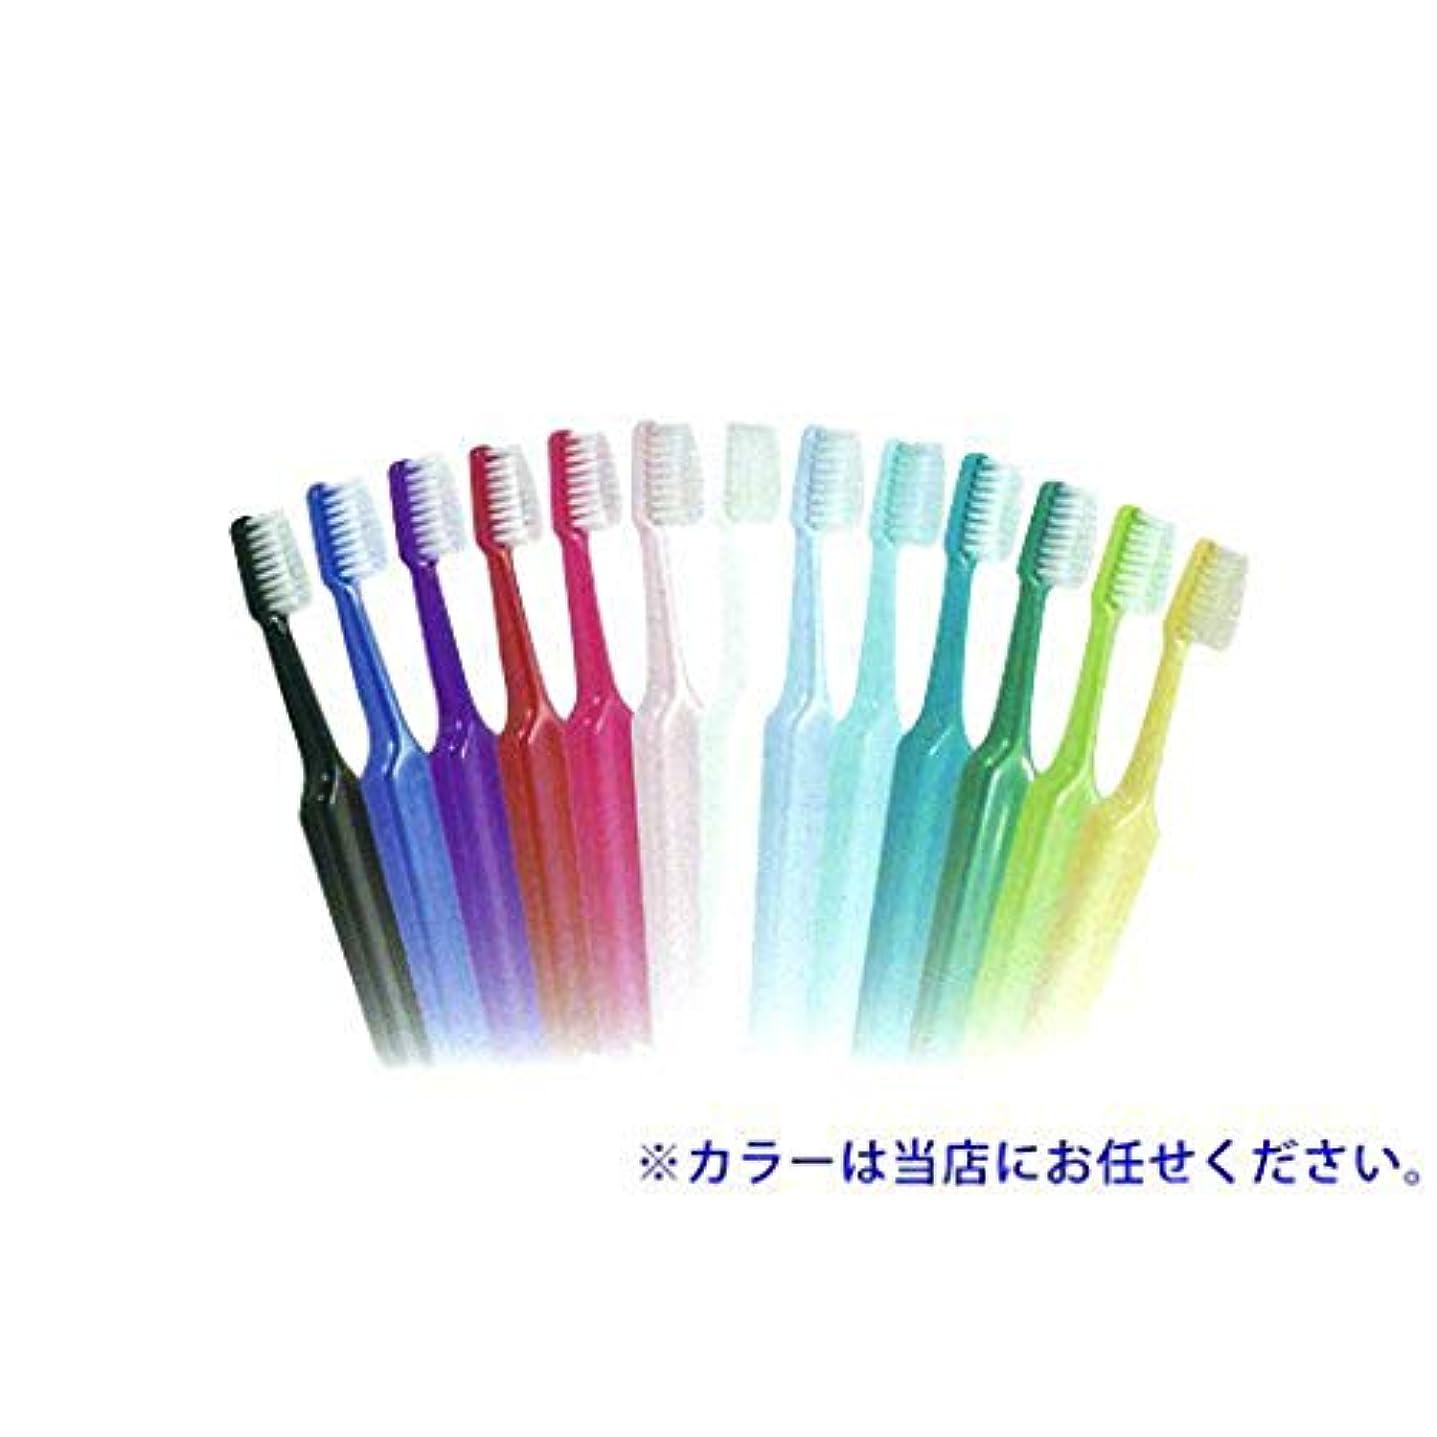 私たちしないでください施しクロスフィールド TePe テペ セレクミニ 歯ブラシ 3本 (ソフト)